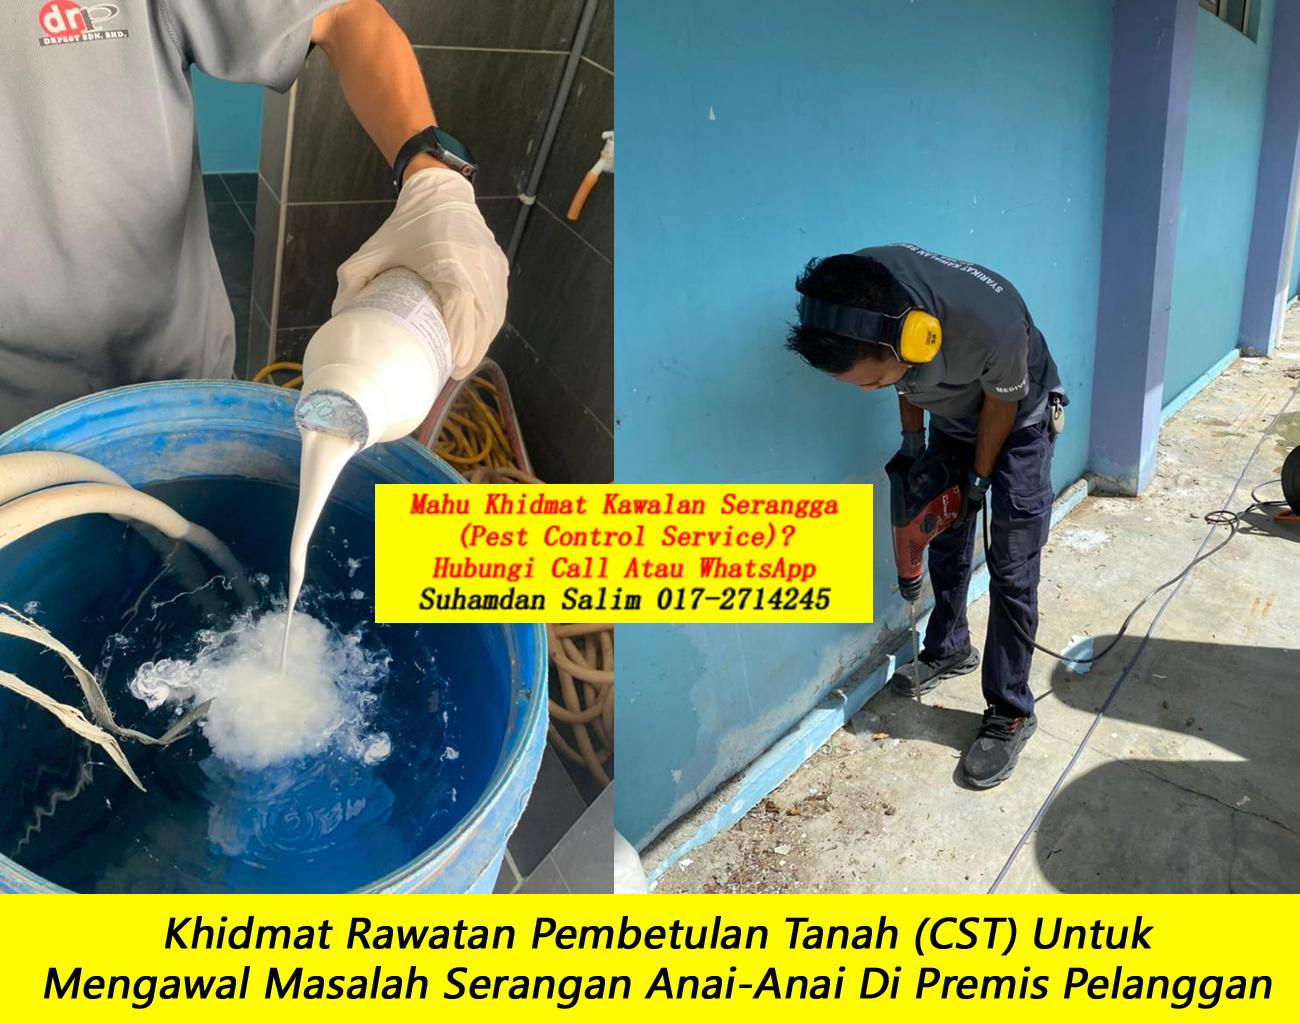 khidmat rawatan dan pencegahan masalah anai anai di KLCC Kuala Lumpur City Centre kl oleh syarikat kawalan serangga company pest control kawalan anai anai yang berkesan terbaik di felda